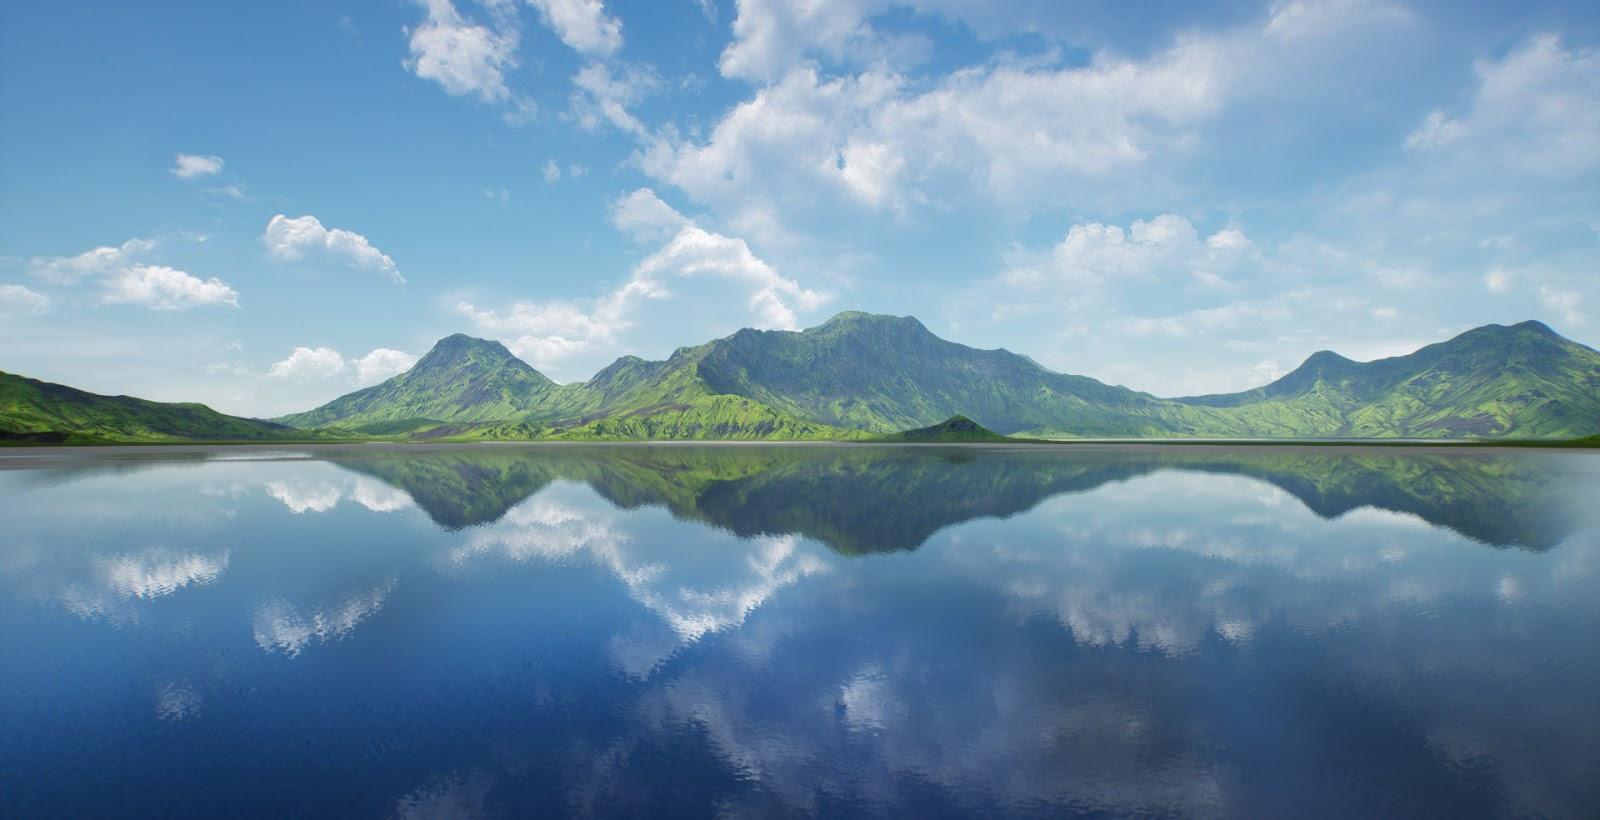 Fotografi Landscape Wallpaper Pemandangan Alam  Ukuran HD LAke and moutain